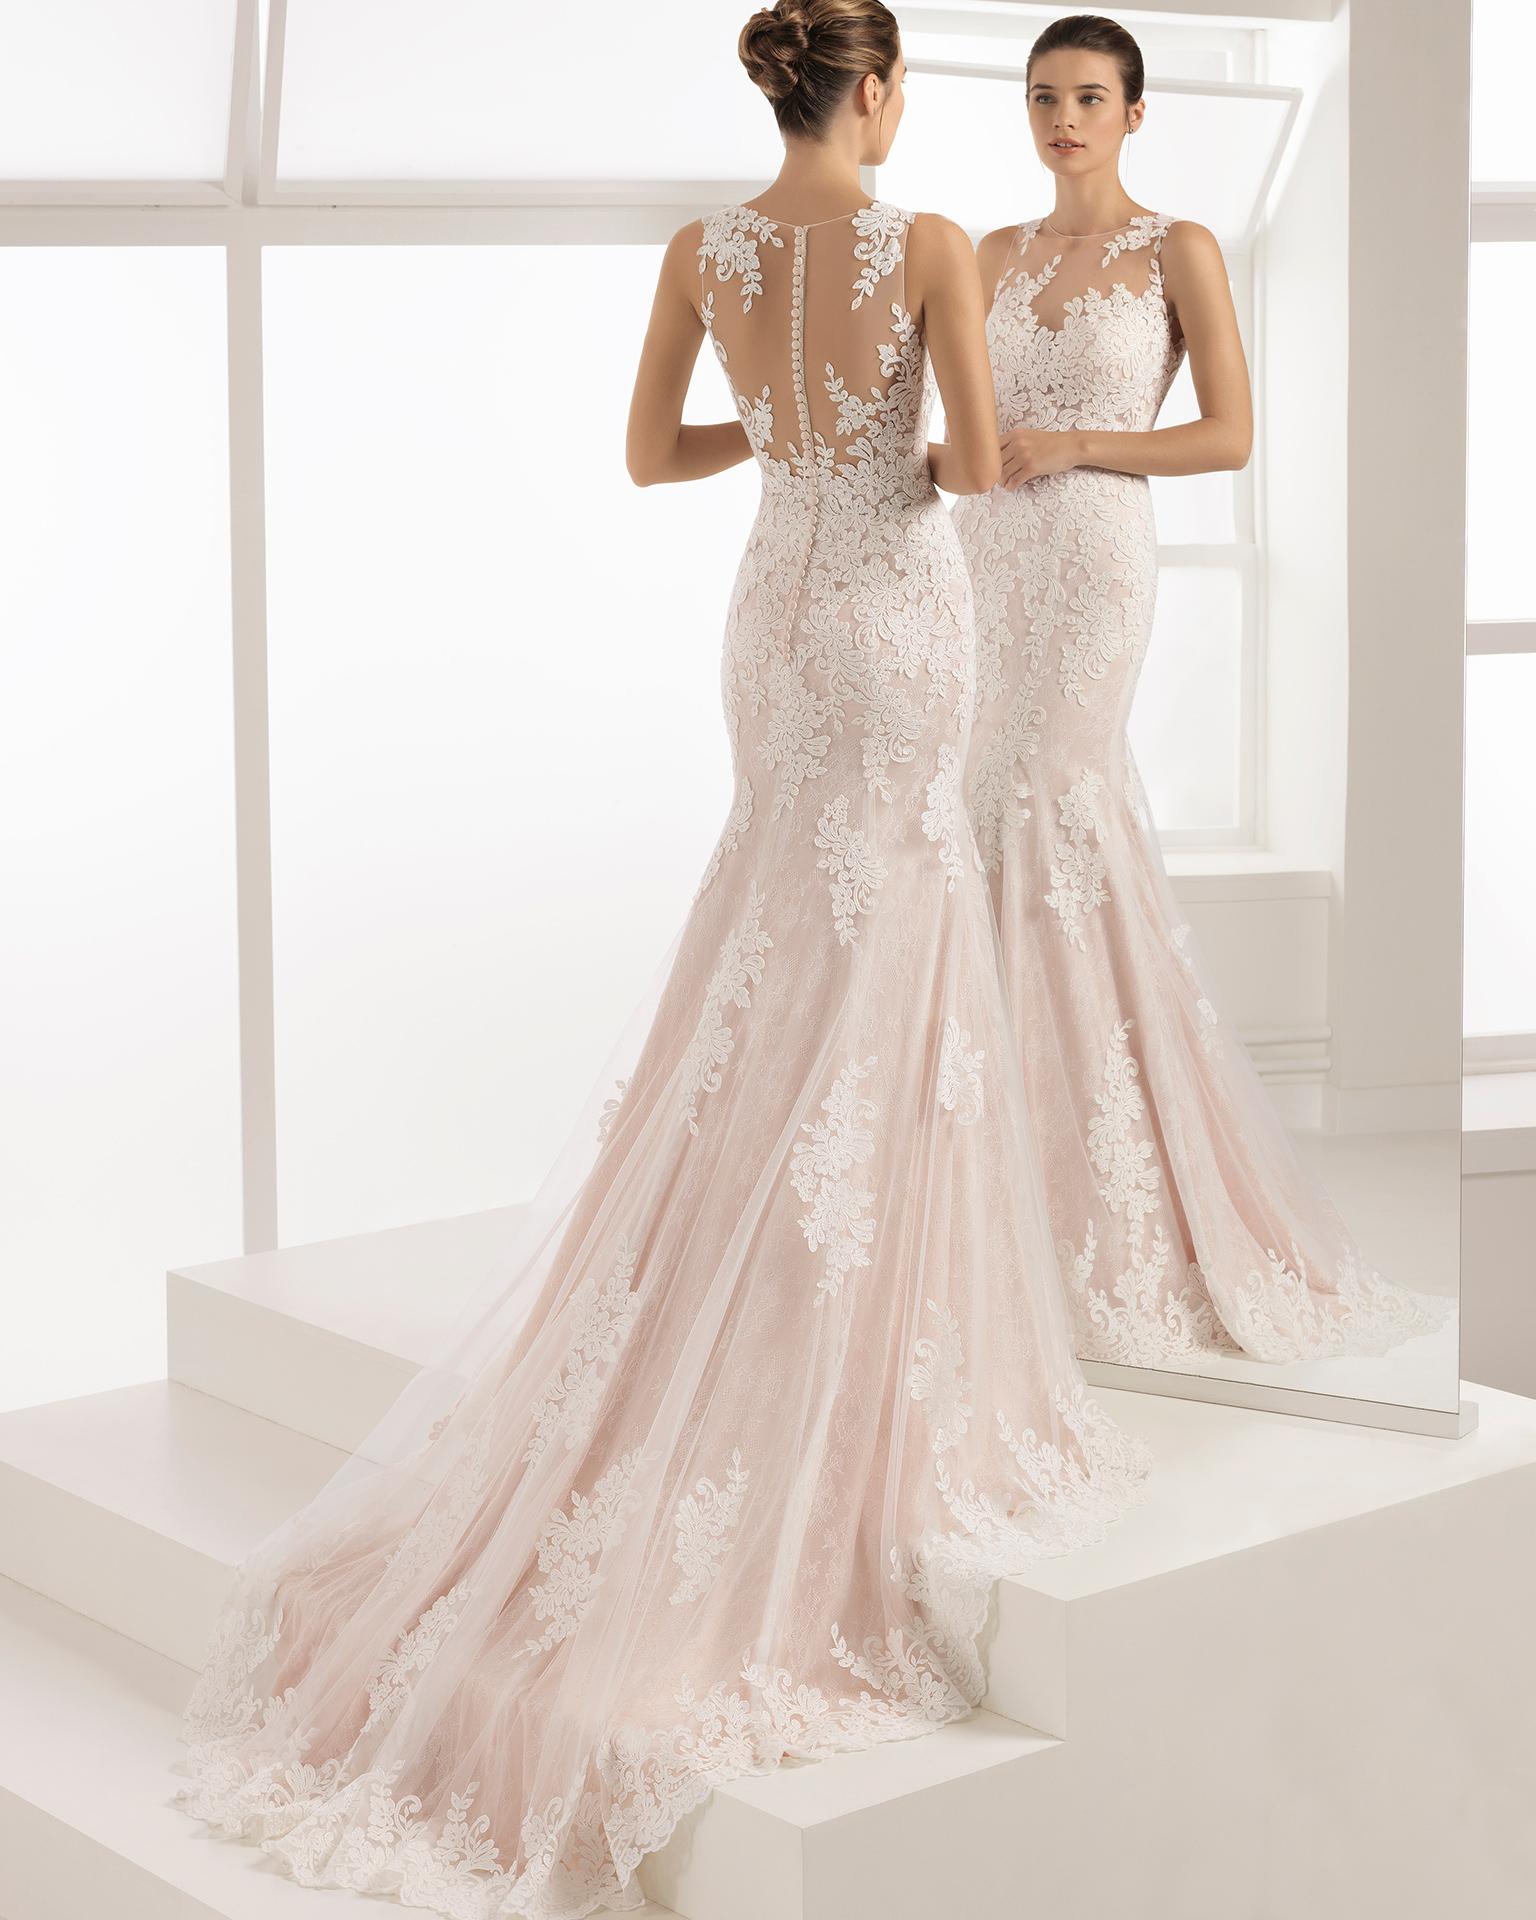 Abito da sposa stile romantico in pizzo trasparente con scollo illusione, colore naturale e rosé.